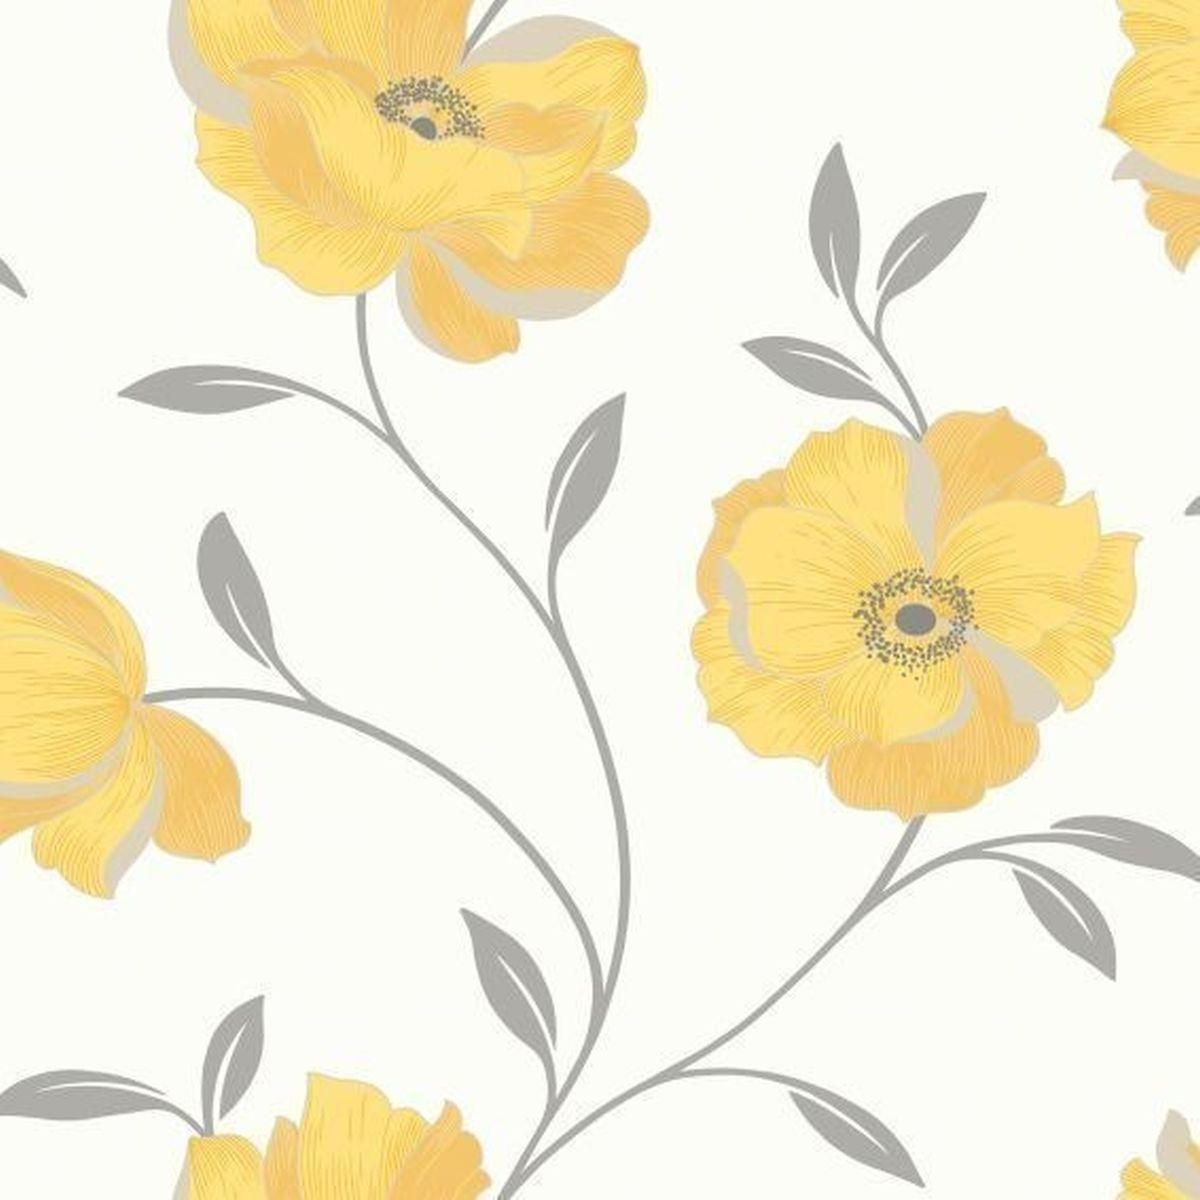 Best of Arthouse Vliestapete Ausgezeichnete Vliestapete 614709 Gelb Blumentapete